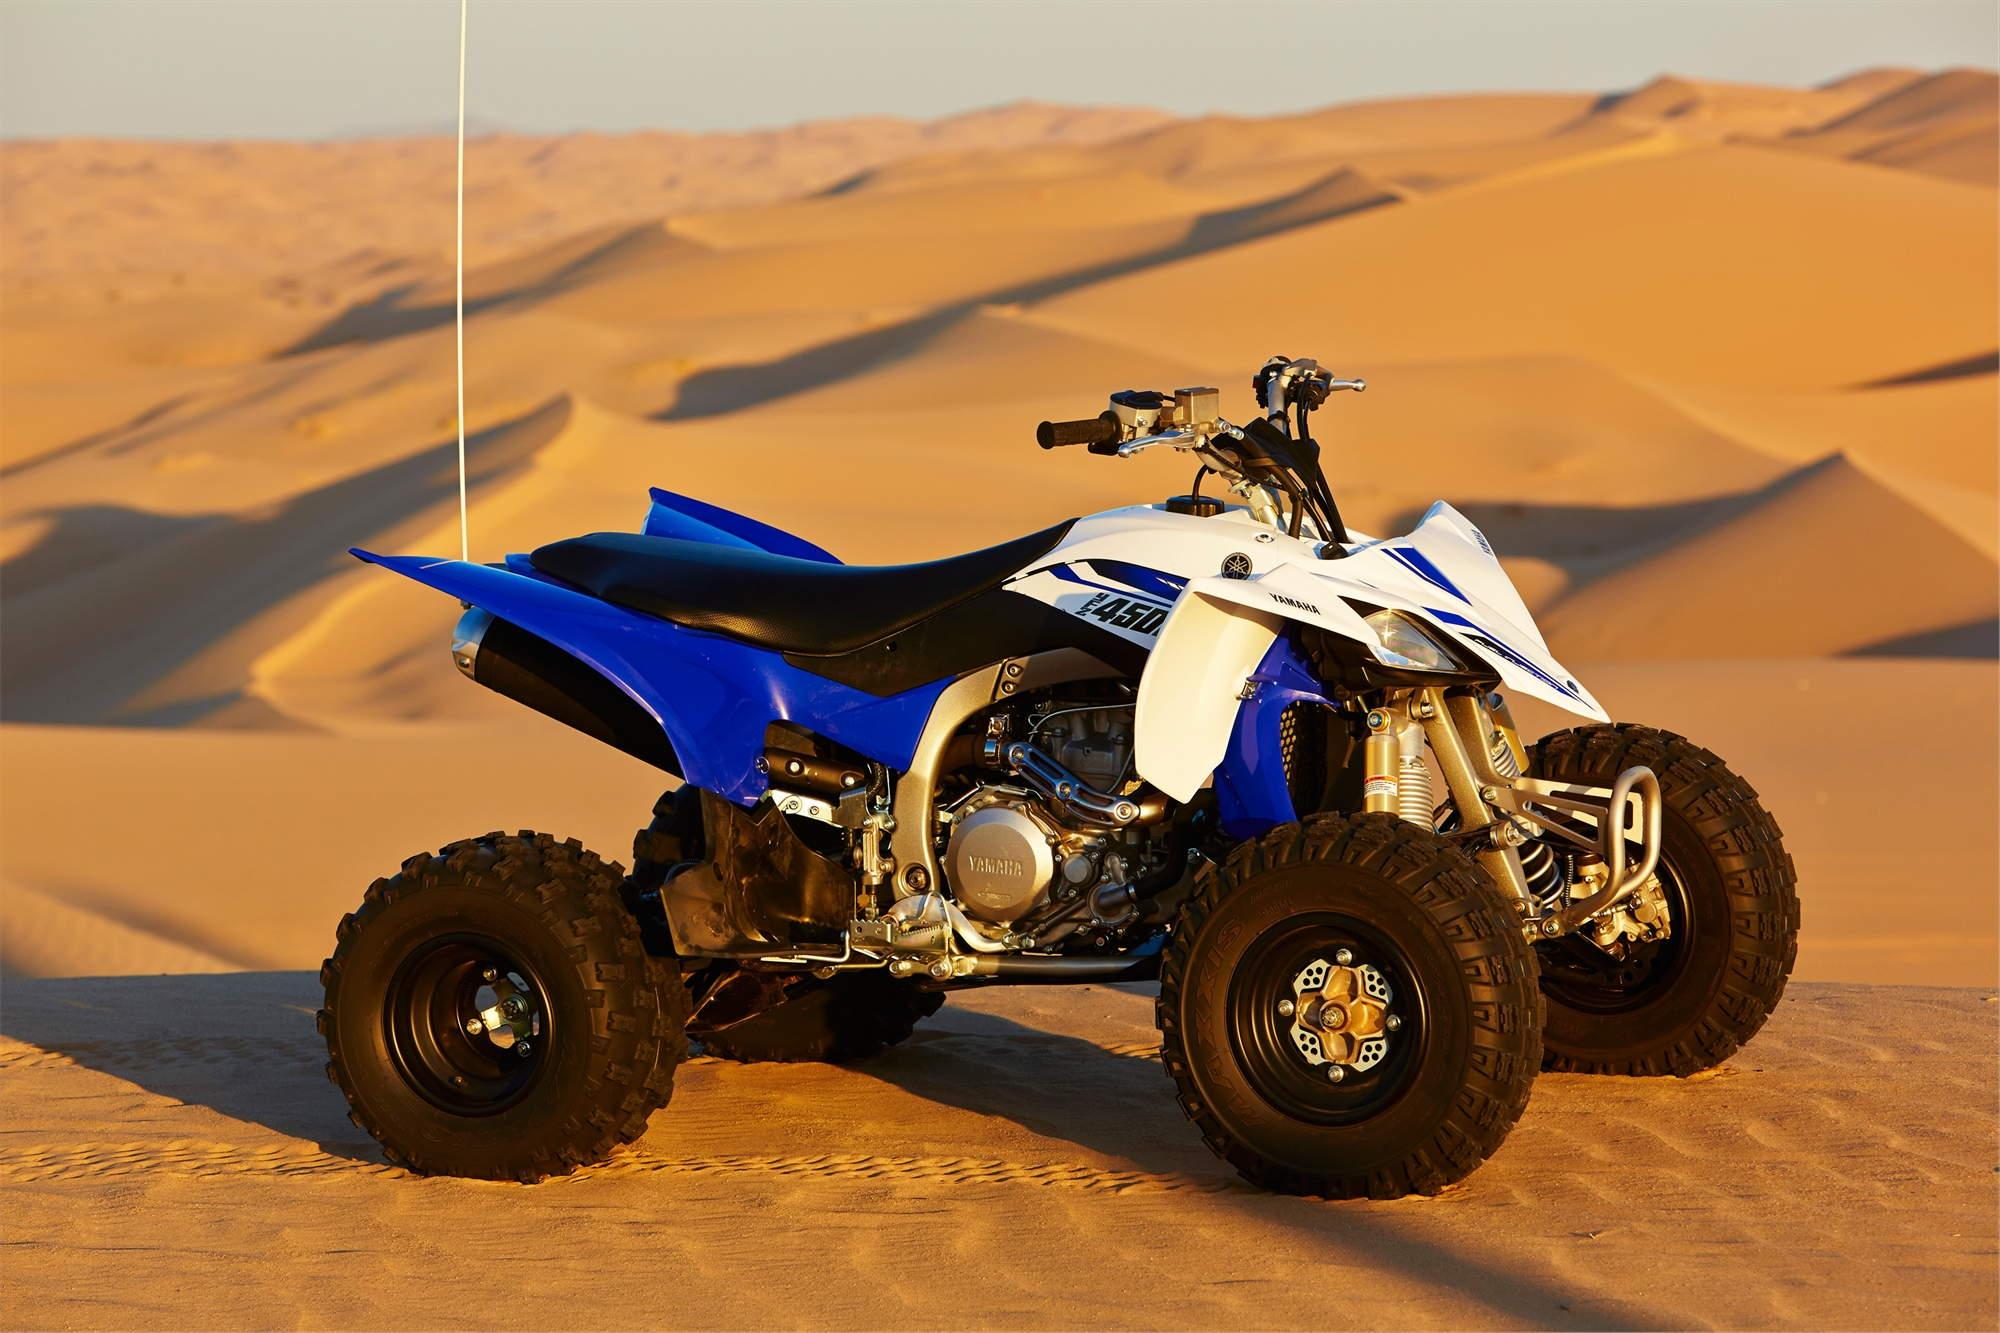 Yamaha YFZ 450R